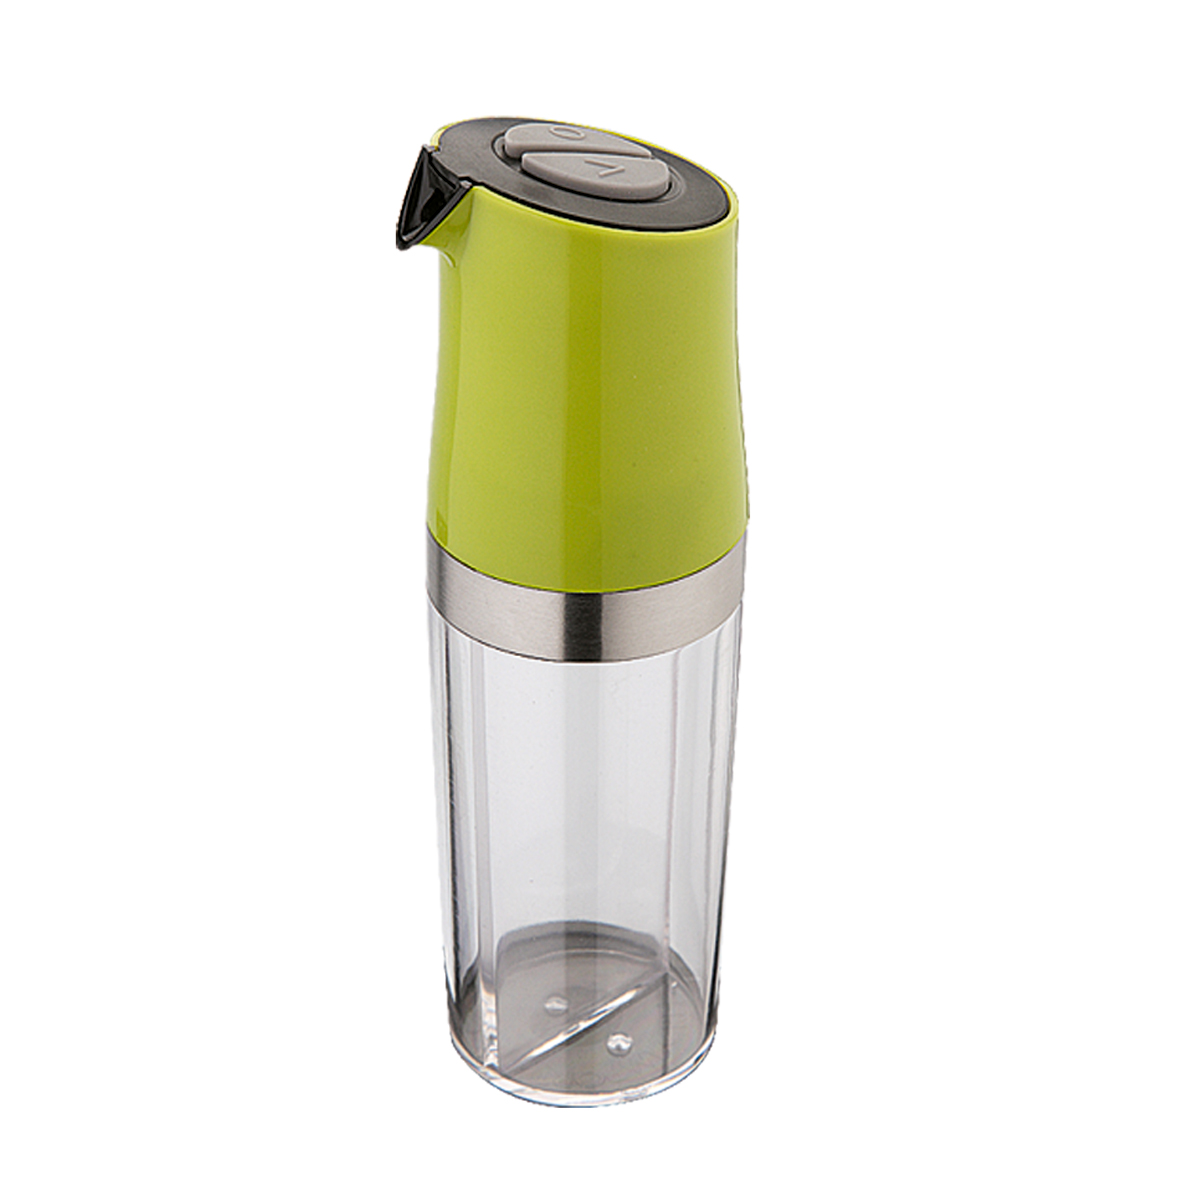 Емкость для масла и уксуса Dekok с дозатором, цвет: прозрачный, фисташковый180917Емкость для масла и уксуса Dekok изготовлена из высококачественного пластика и стали и оснащена специальным дозатором-разбрызгивателем. Она легка в использовании. Прозрачная колба имеет внутри перегородку, благодаря которой в емкости может одновременнонаходится и масло, и уксус. На колбе расположен дозатор, оснащенный двумякнопками. Стоит только нажать кнопку с отметкой О - и вы будетераспылять масло, а на отметку V - распылять только уксус. Быстрои просто!Оригинальная емкость будет отлично смотреться на вашей кухне.Размер емкости (с учетом дозатора): 6 см х 6 см х 19,5 см.